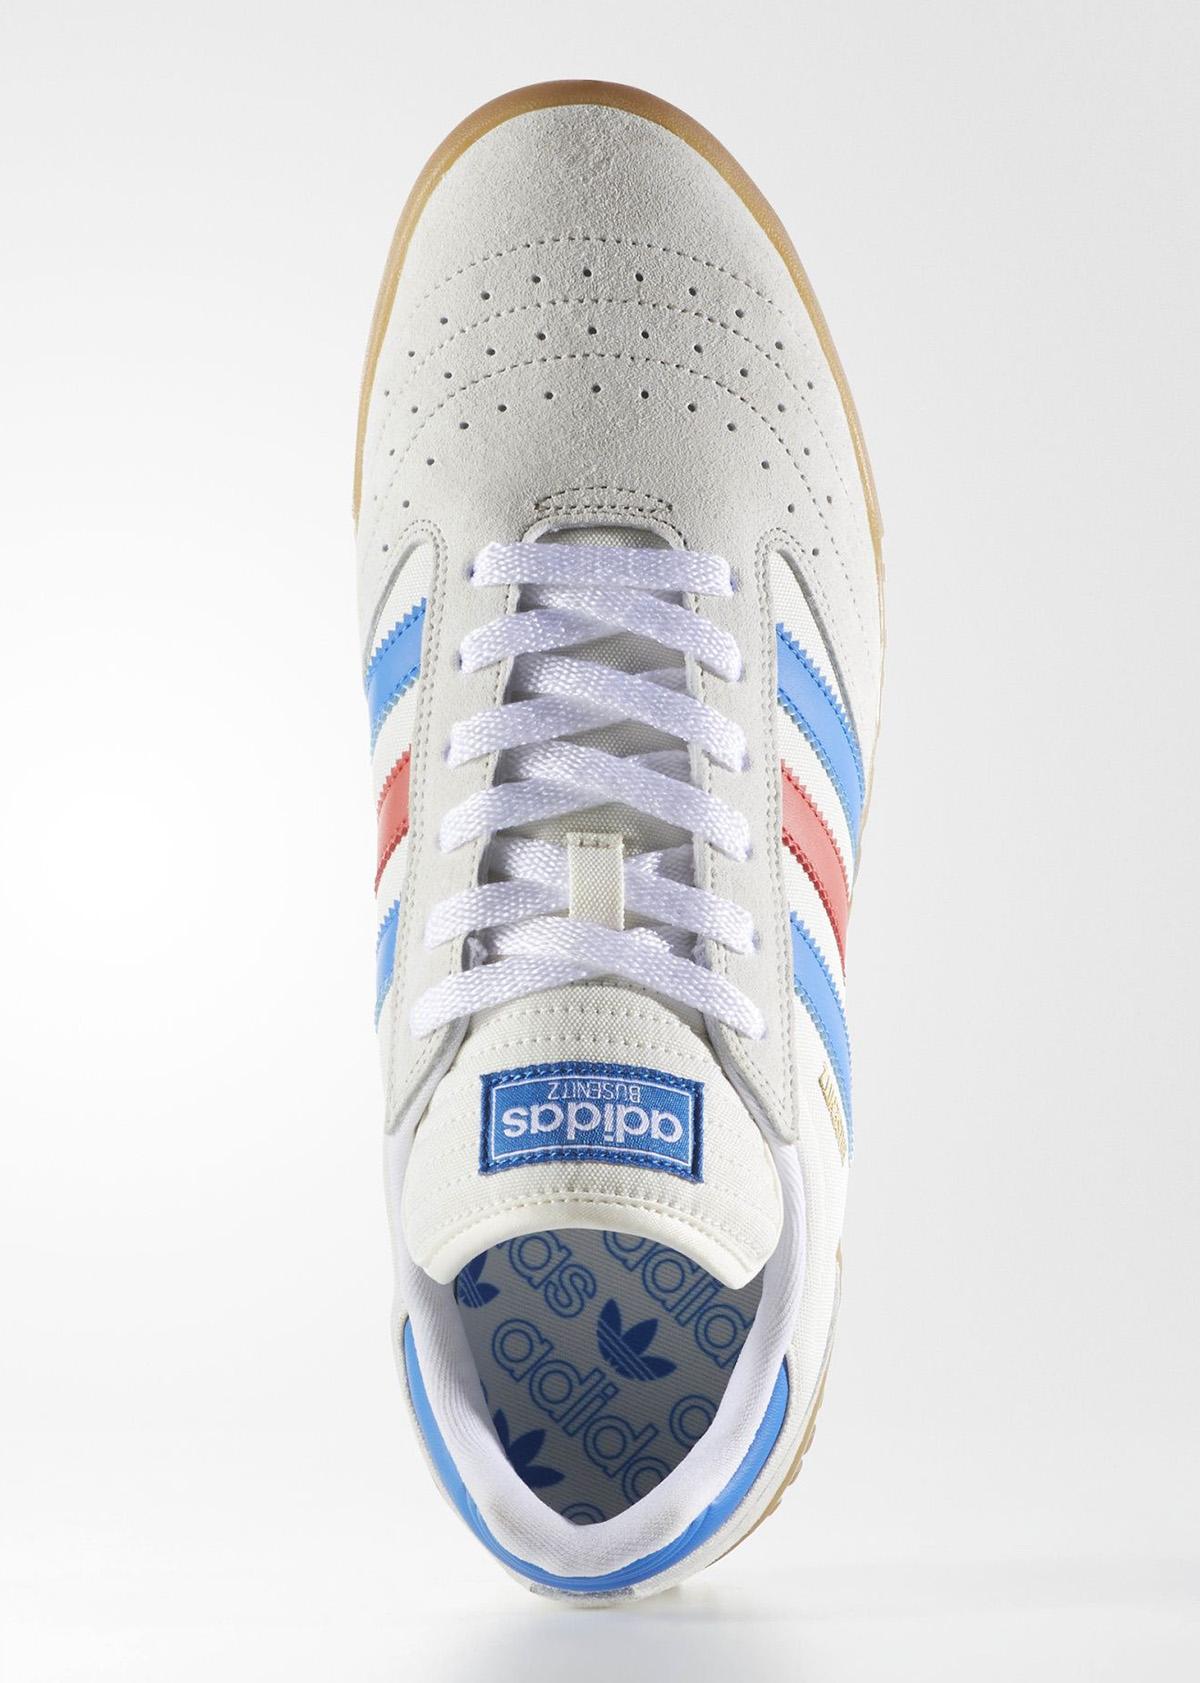 063aab8915 adidas busenitz indoor super release date